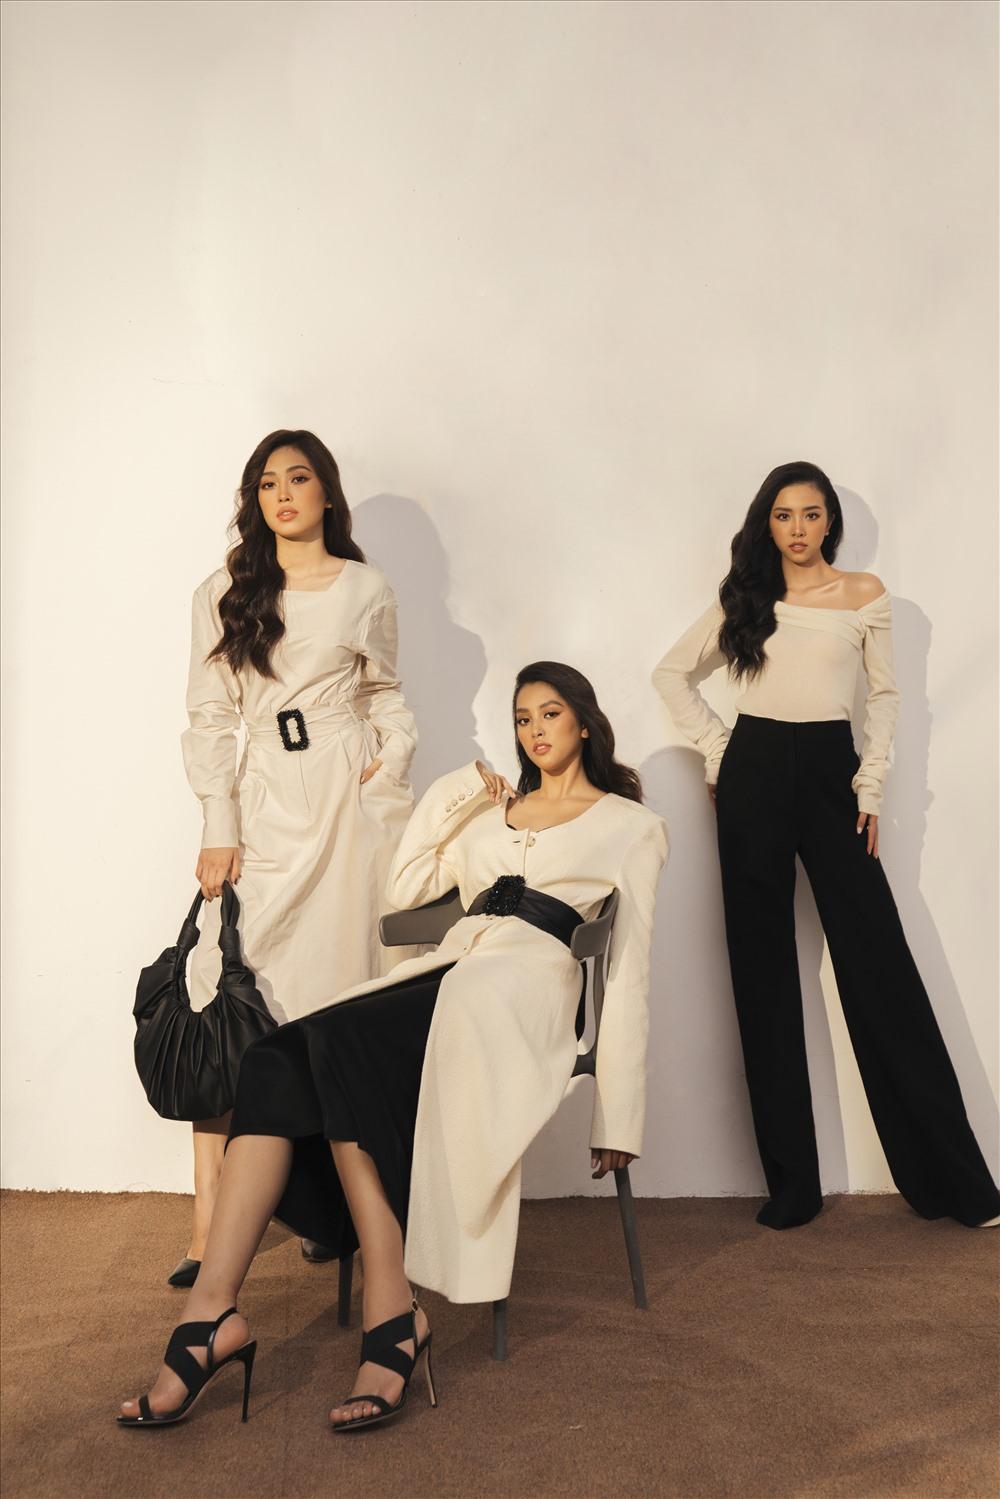 Một năm trôi qua, Hoa hậu Tiểu Vy cùng hai Á hậu Phương Nga, Thuý An  ngày càng trưởng thành về nhan sắc cũng như sự nghiệp. Ảnh: Hậu Lê.